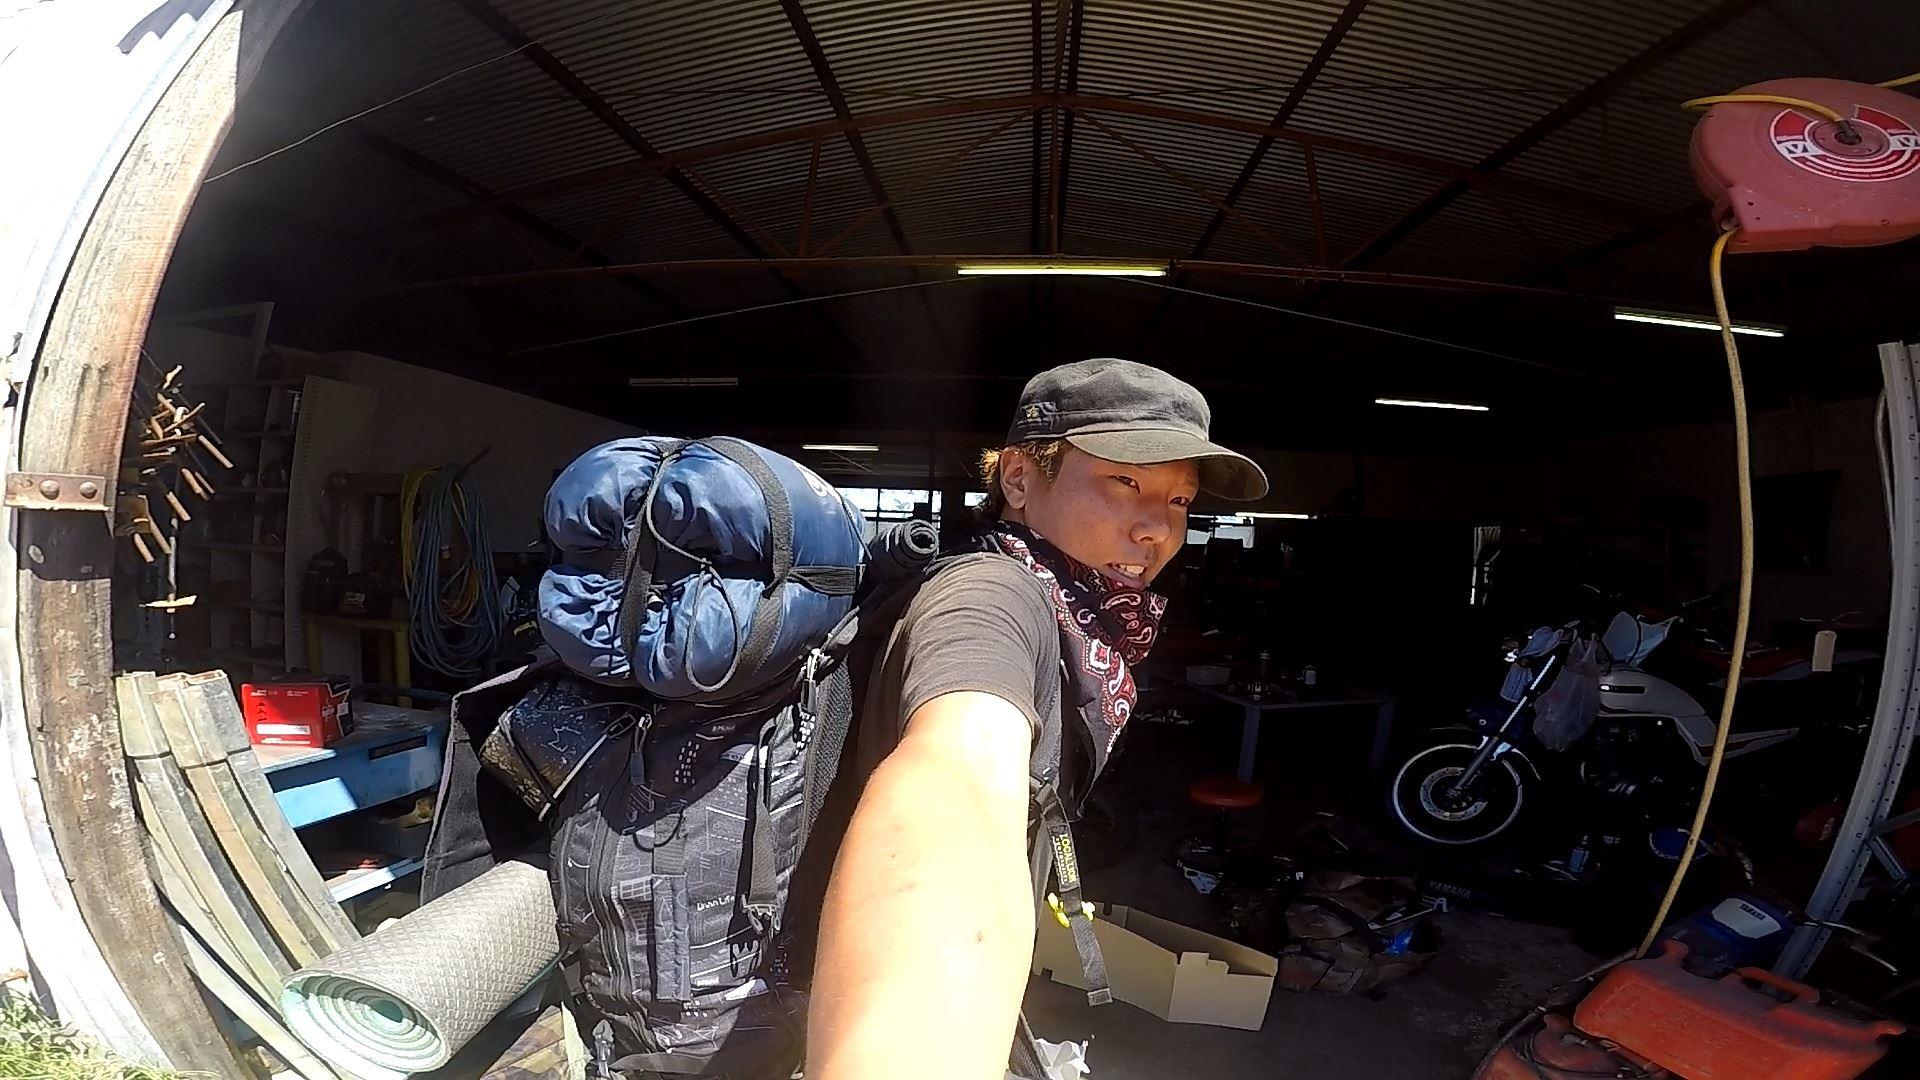 オーストラリア一周中、エンジンが焼き付きバイクを手放しました